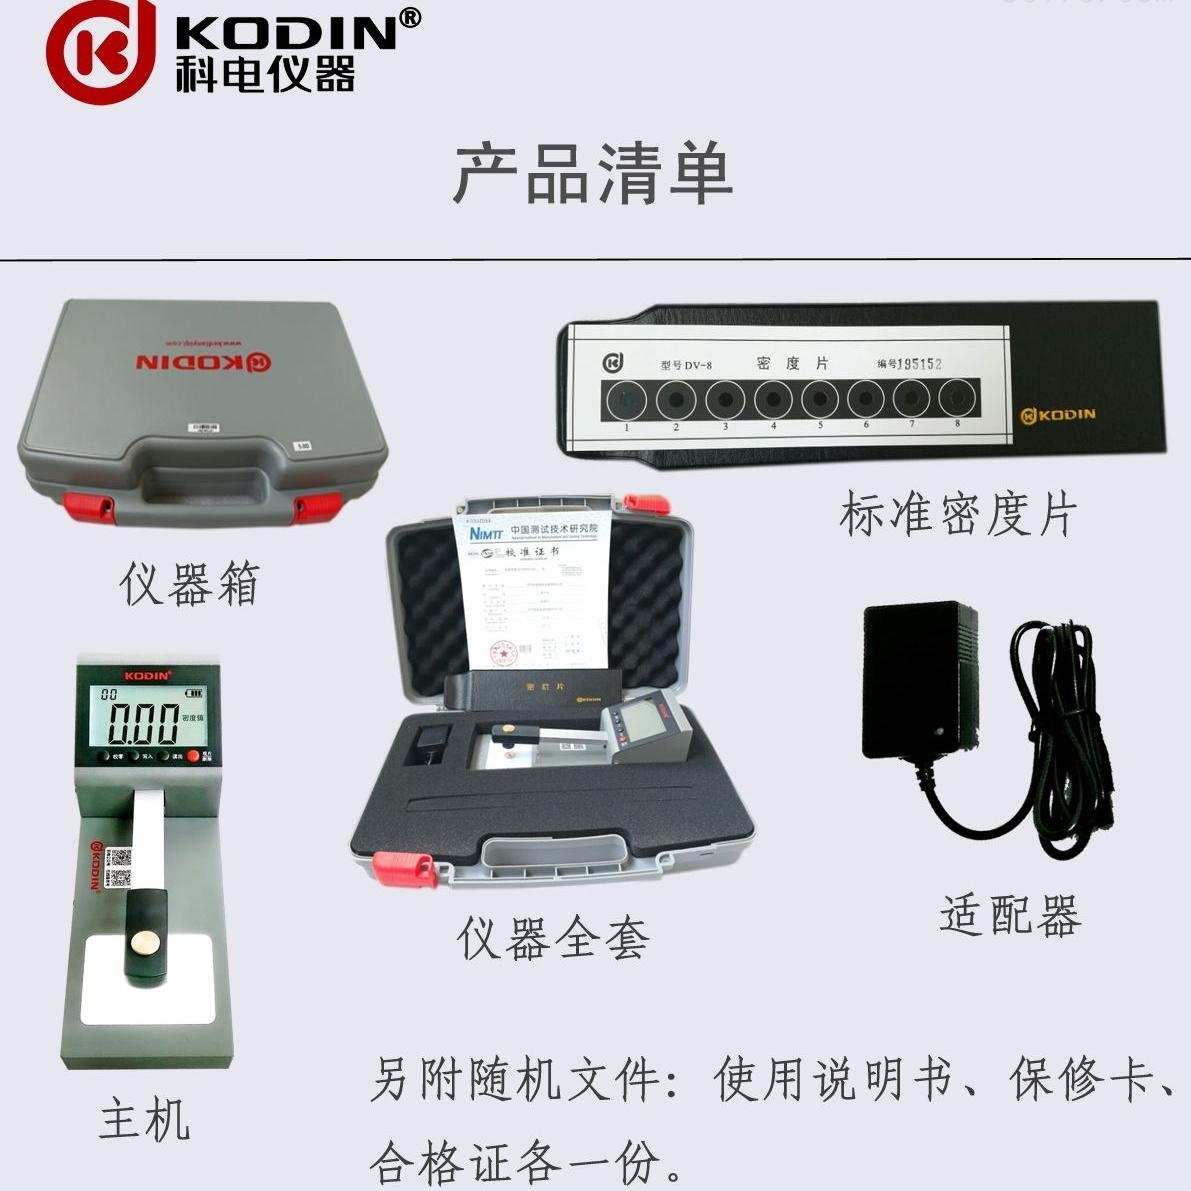 山东锐智科电检测仪器有限公司